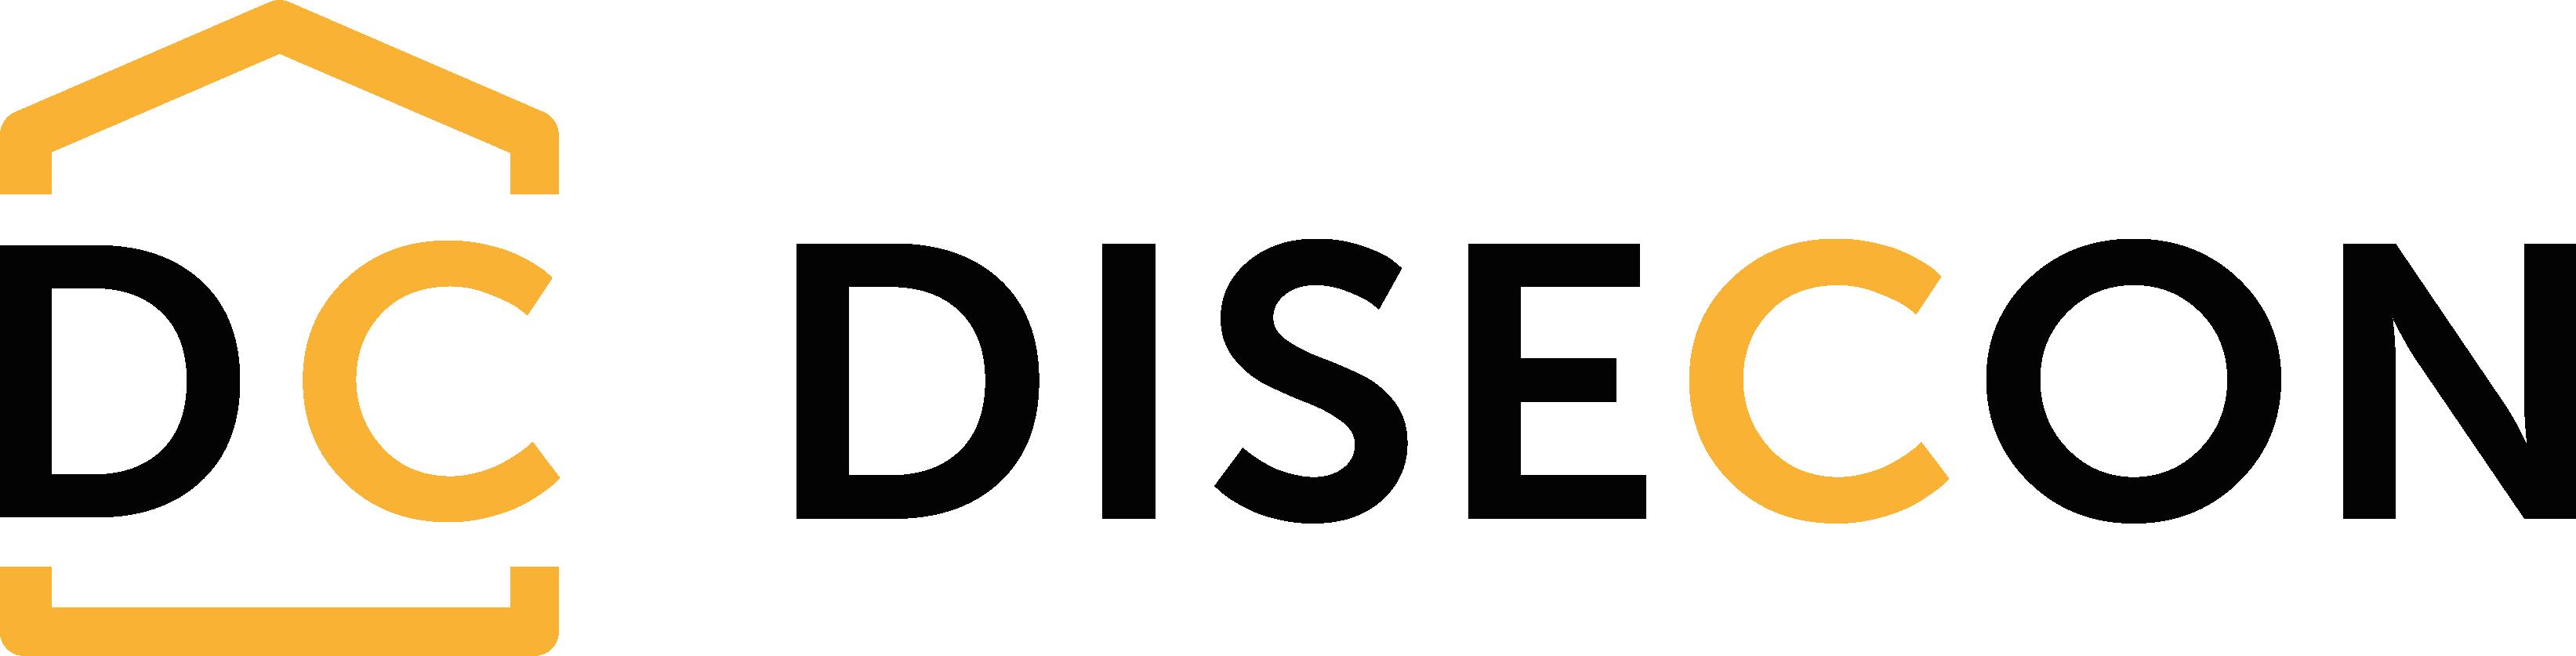 DISECON